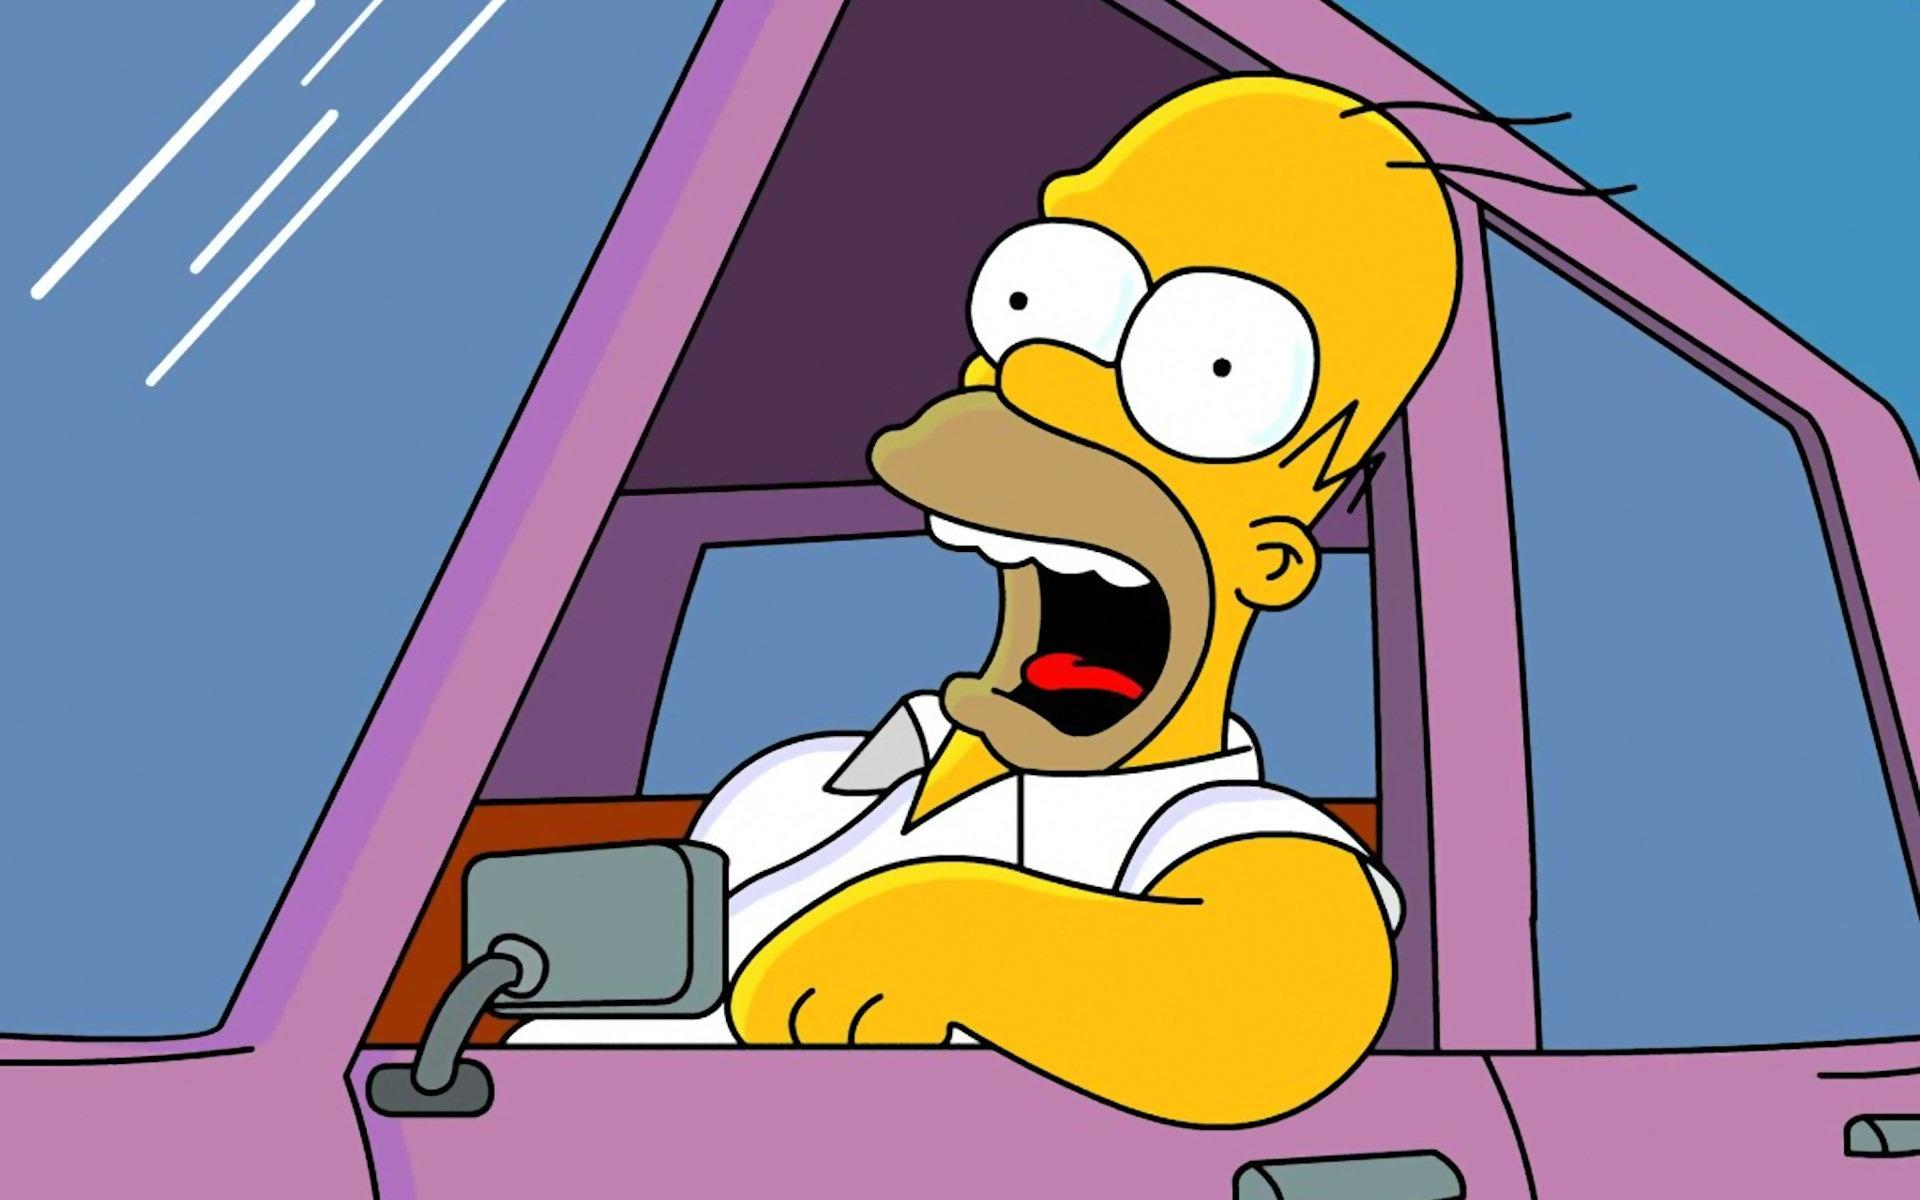 Lo statalismo fa male Ovunque, persino nel paese dei Simpson